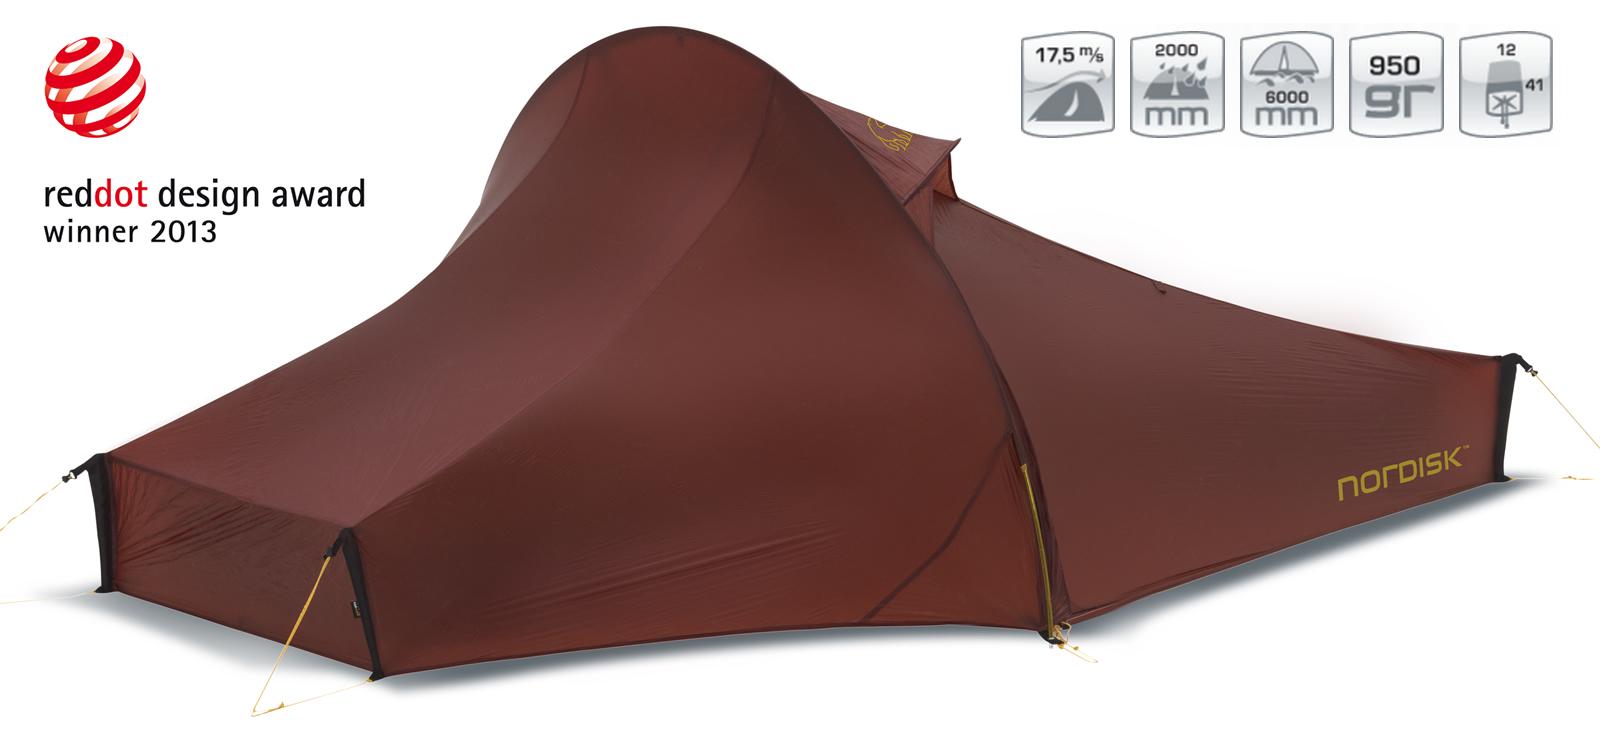 【国内正規品】ノルディスク NORDISK テント Telemark 2 LW (テレマーク2 LW) レッド [151008]ノルディスク 【送料無料/代引き無料】(ノルディスク 2人用 テント ティーレマルク アウトドア用品 キャンプ用品 キャ【SUMMER_D18】